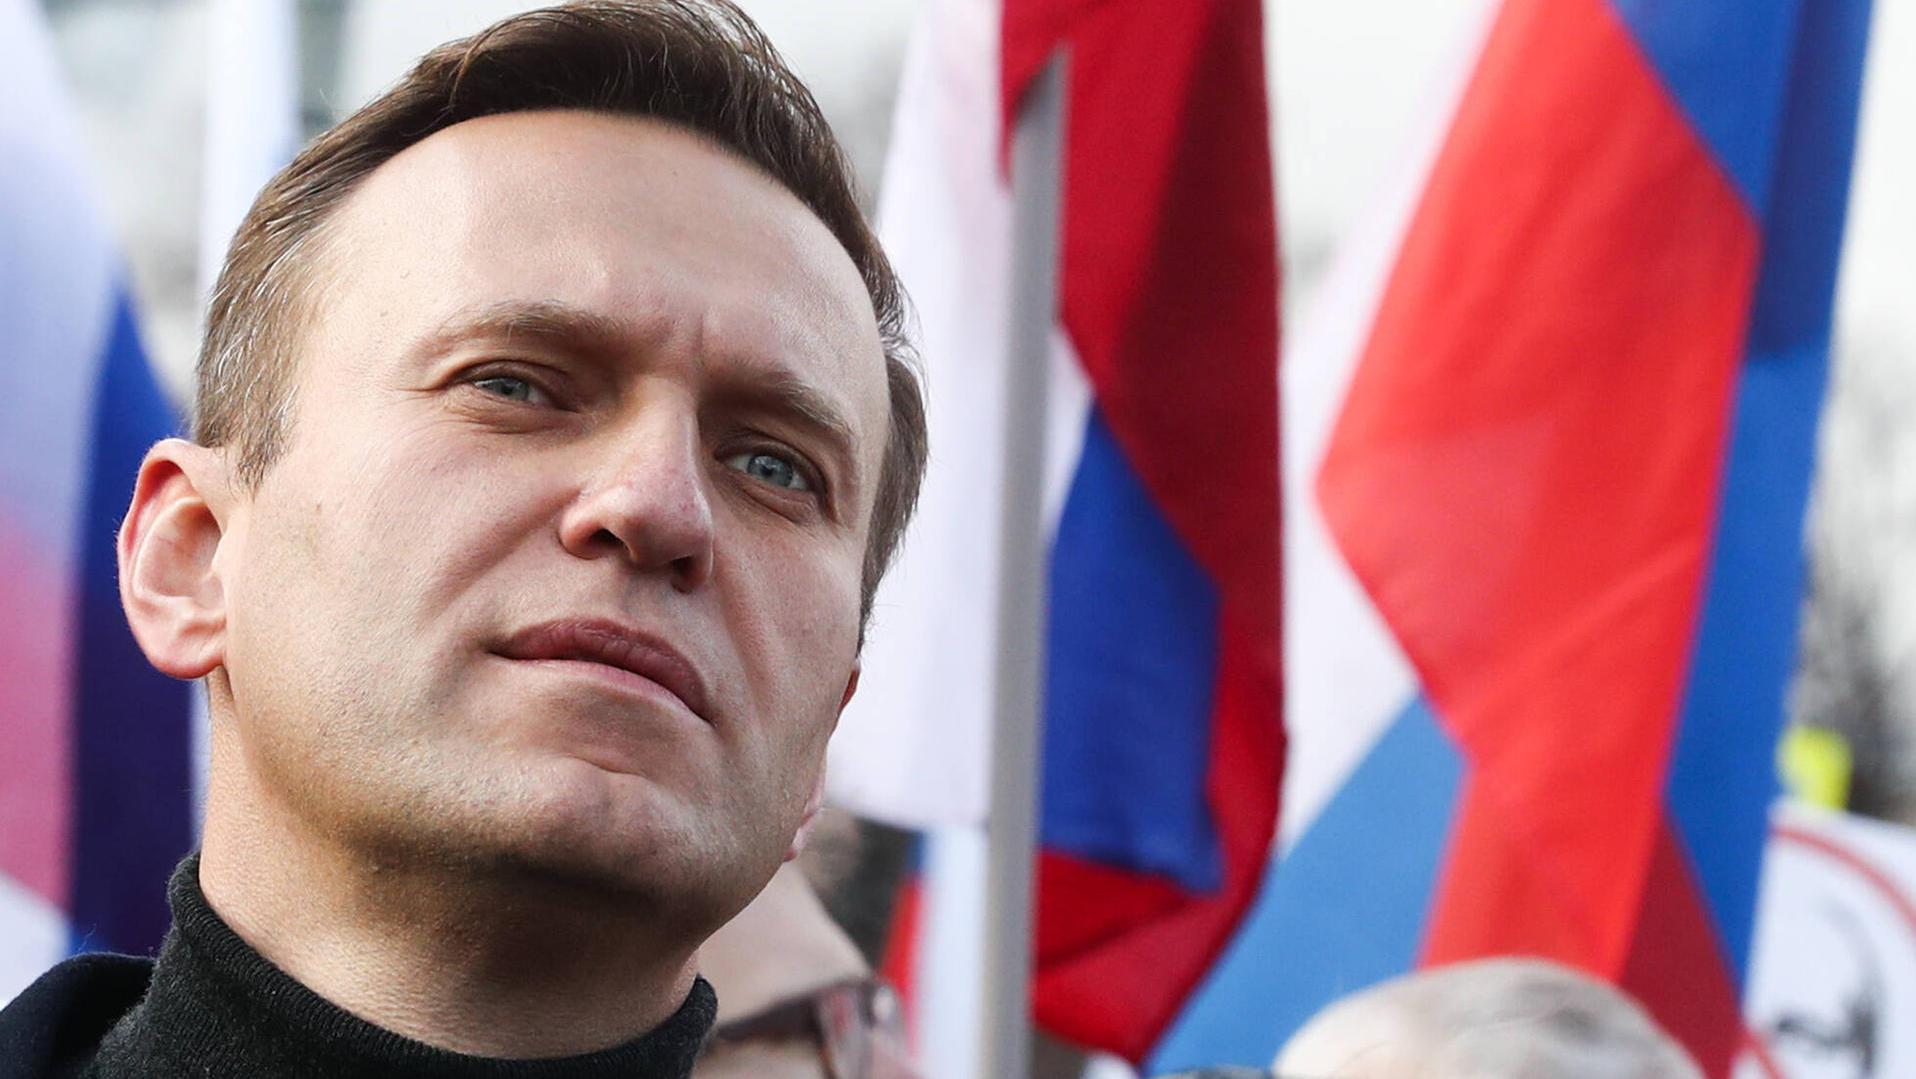 Aleksei Navalnîi, vizat de o nouă acuzație. Sentința i-ar putea fi prelungită cu trei ani